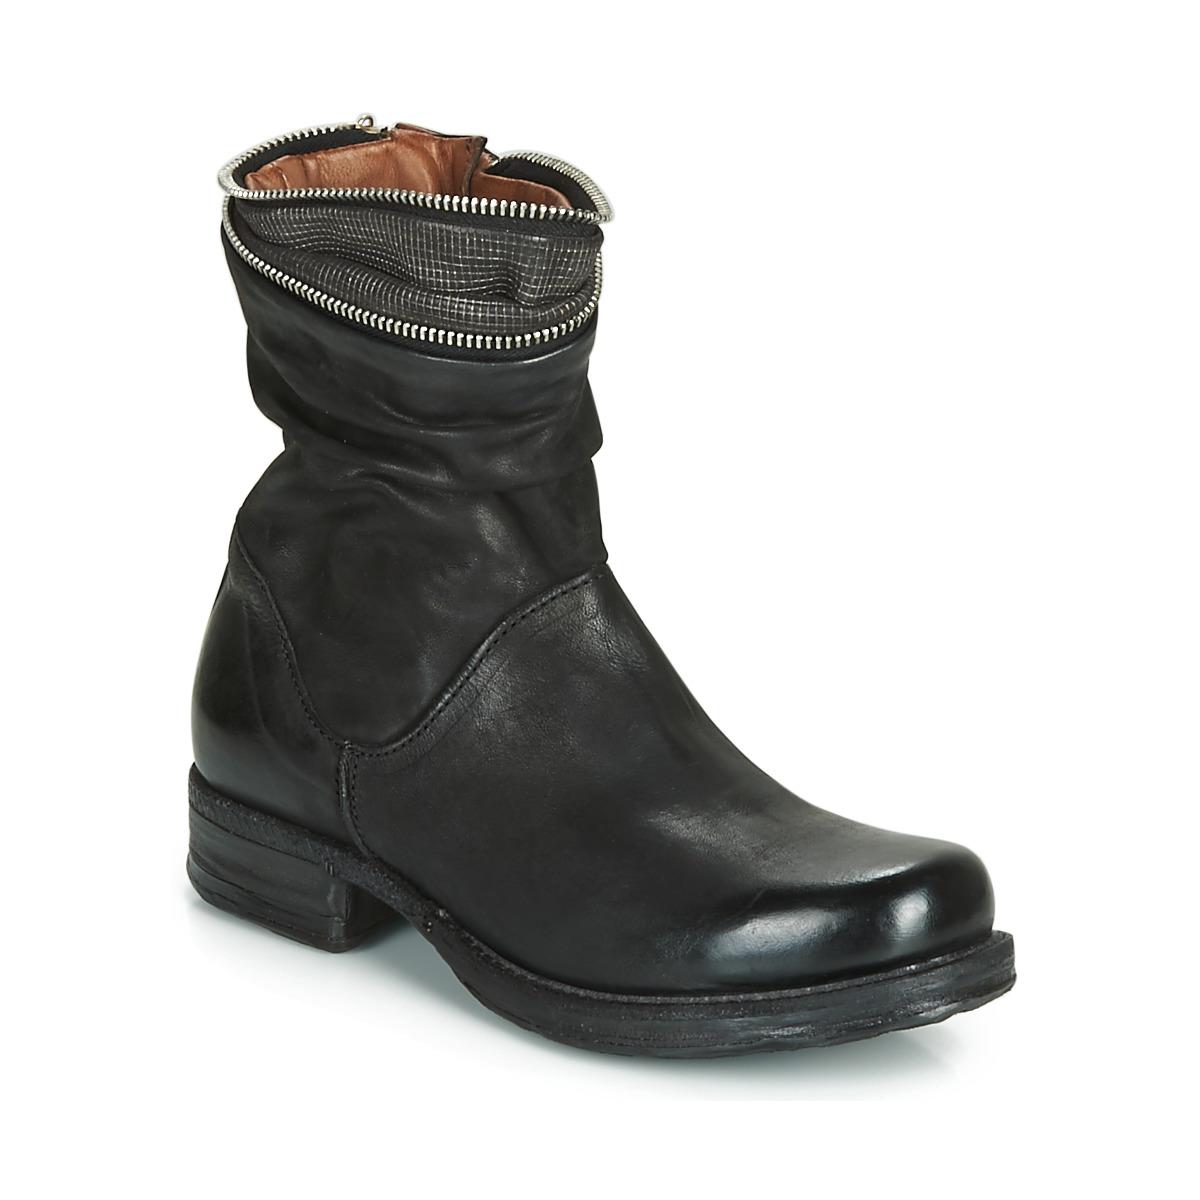 Airstep / AS98 SAINT LA Schwarz - Kostenloser Versand bei Spartoode ! - Schuhe Boots Damen 235,00 €